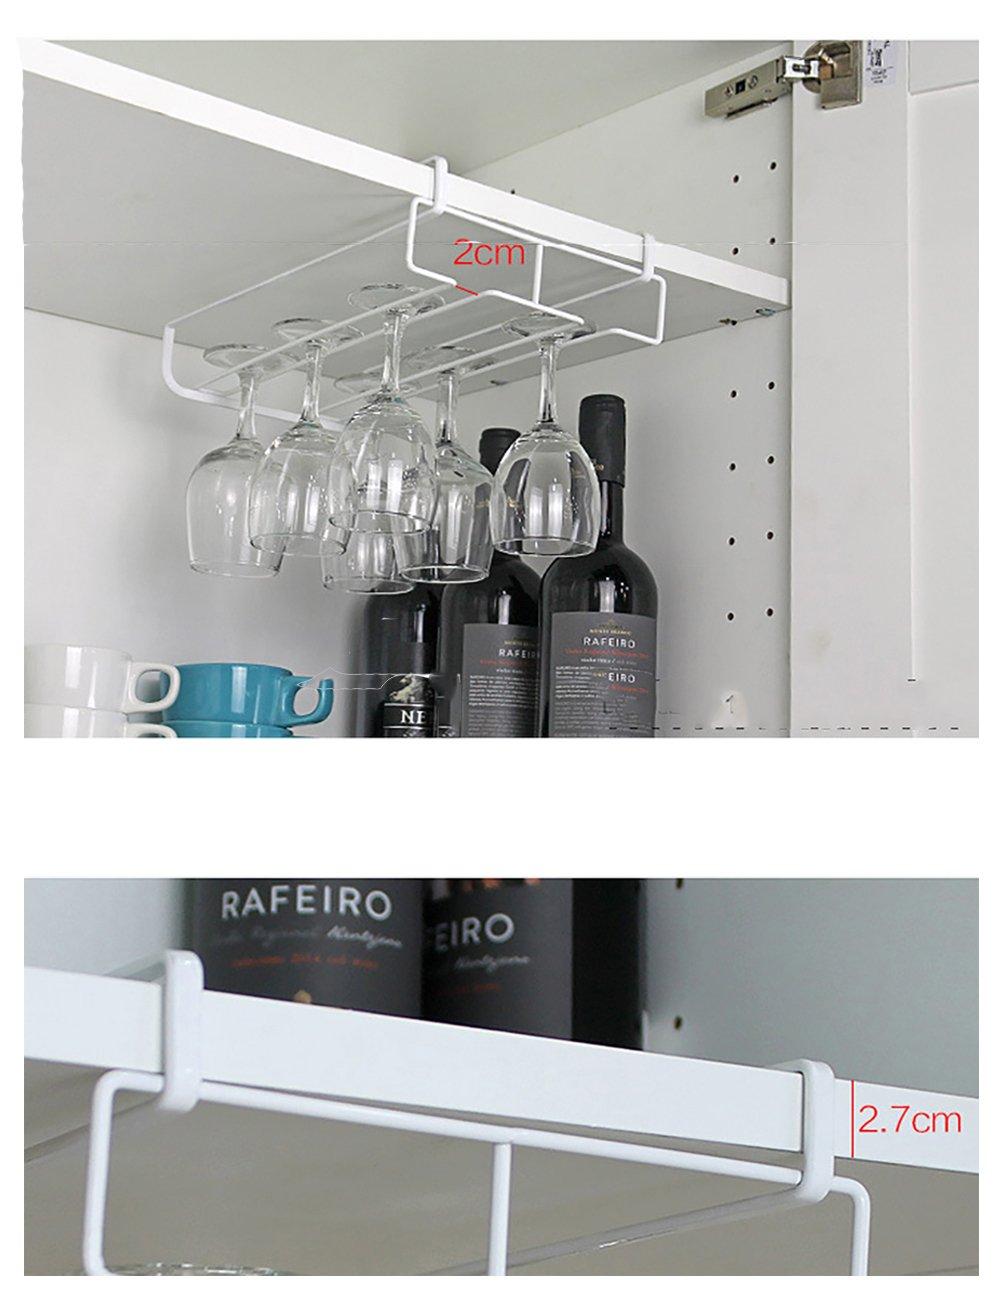 /Perchero de 8/ganchos para colgar bajo estantes almacenamiento para colgar tazas Fashionbabies Housewares/ vasos copas de vino; colgador organizador de corbatas y cinturones